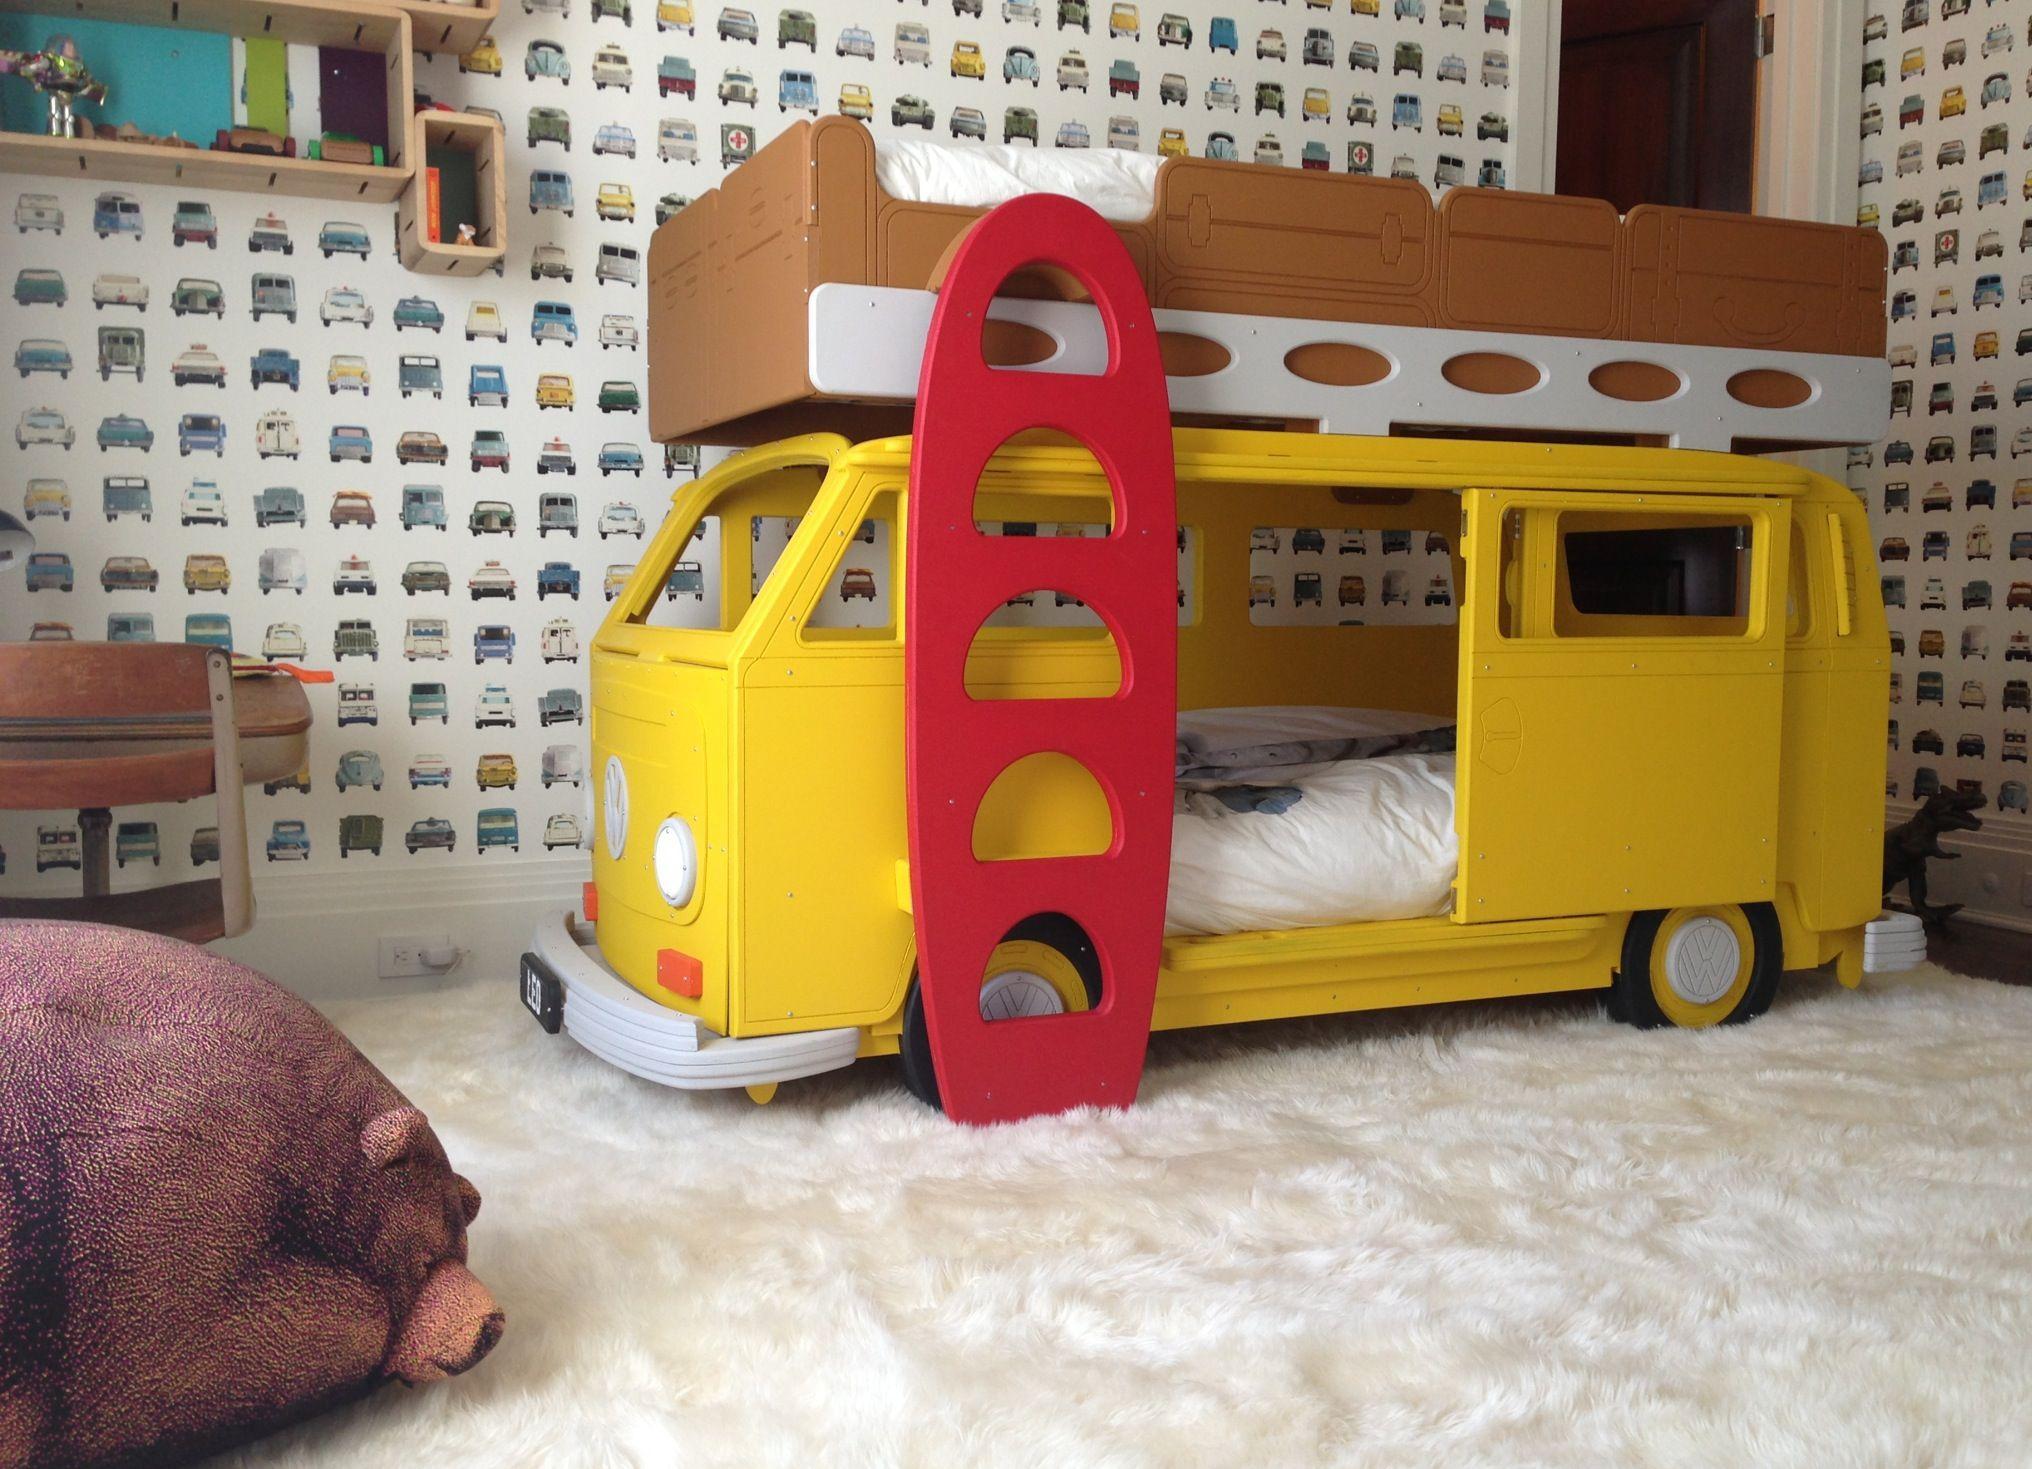 Etagenbett Autobett Bussy Kinderbett : Etagenbett bussy autobus hochbett kinderbett autobett bussbett in